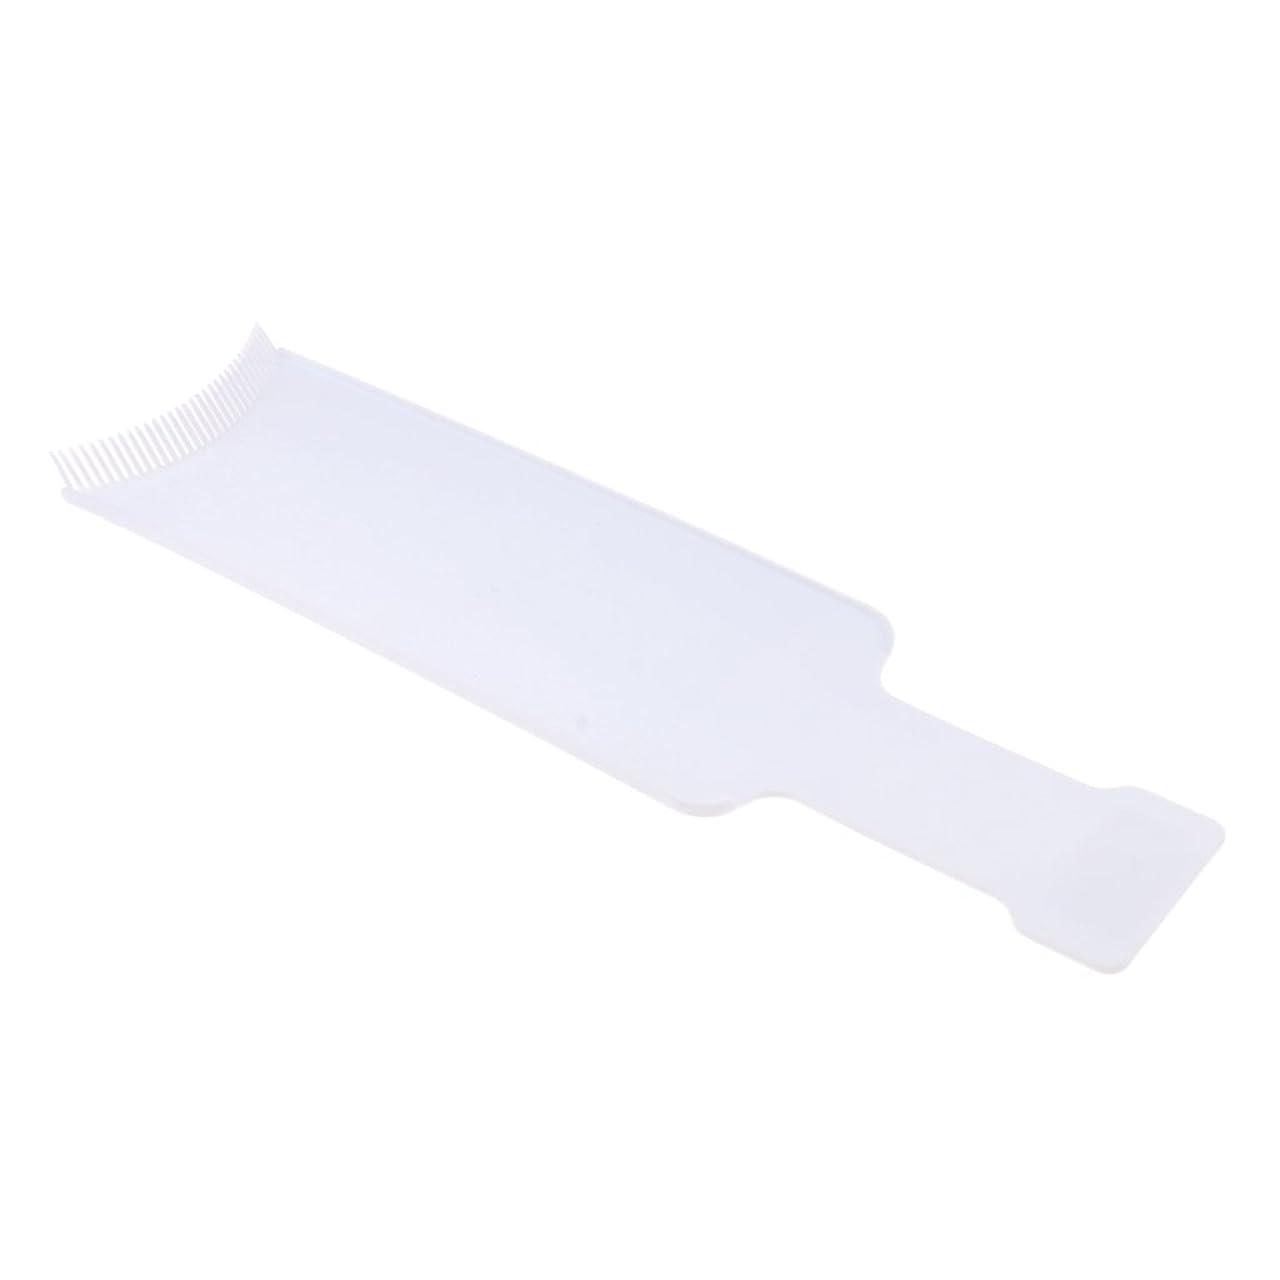 割り込みヘルシーバングFenteer 染色櫛プレート 染めボード ヘアカラー 櫛 着色ボード ヘアブラシ ヘアコーム 便利 2サイズ2色選べる - L, 白